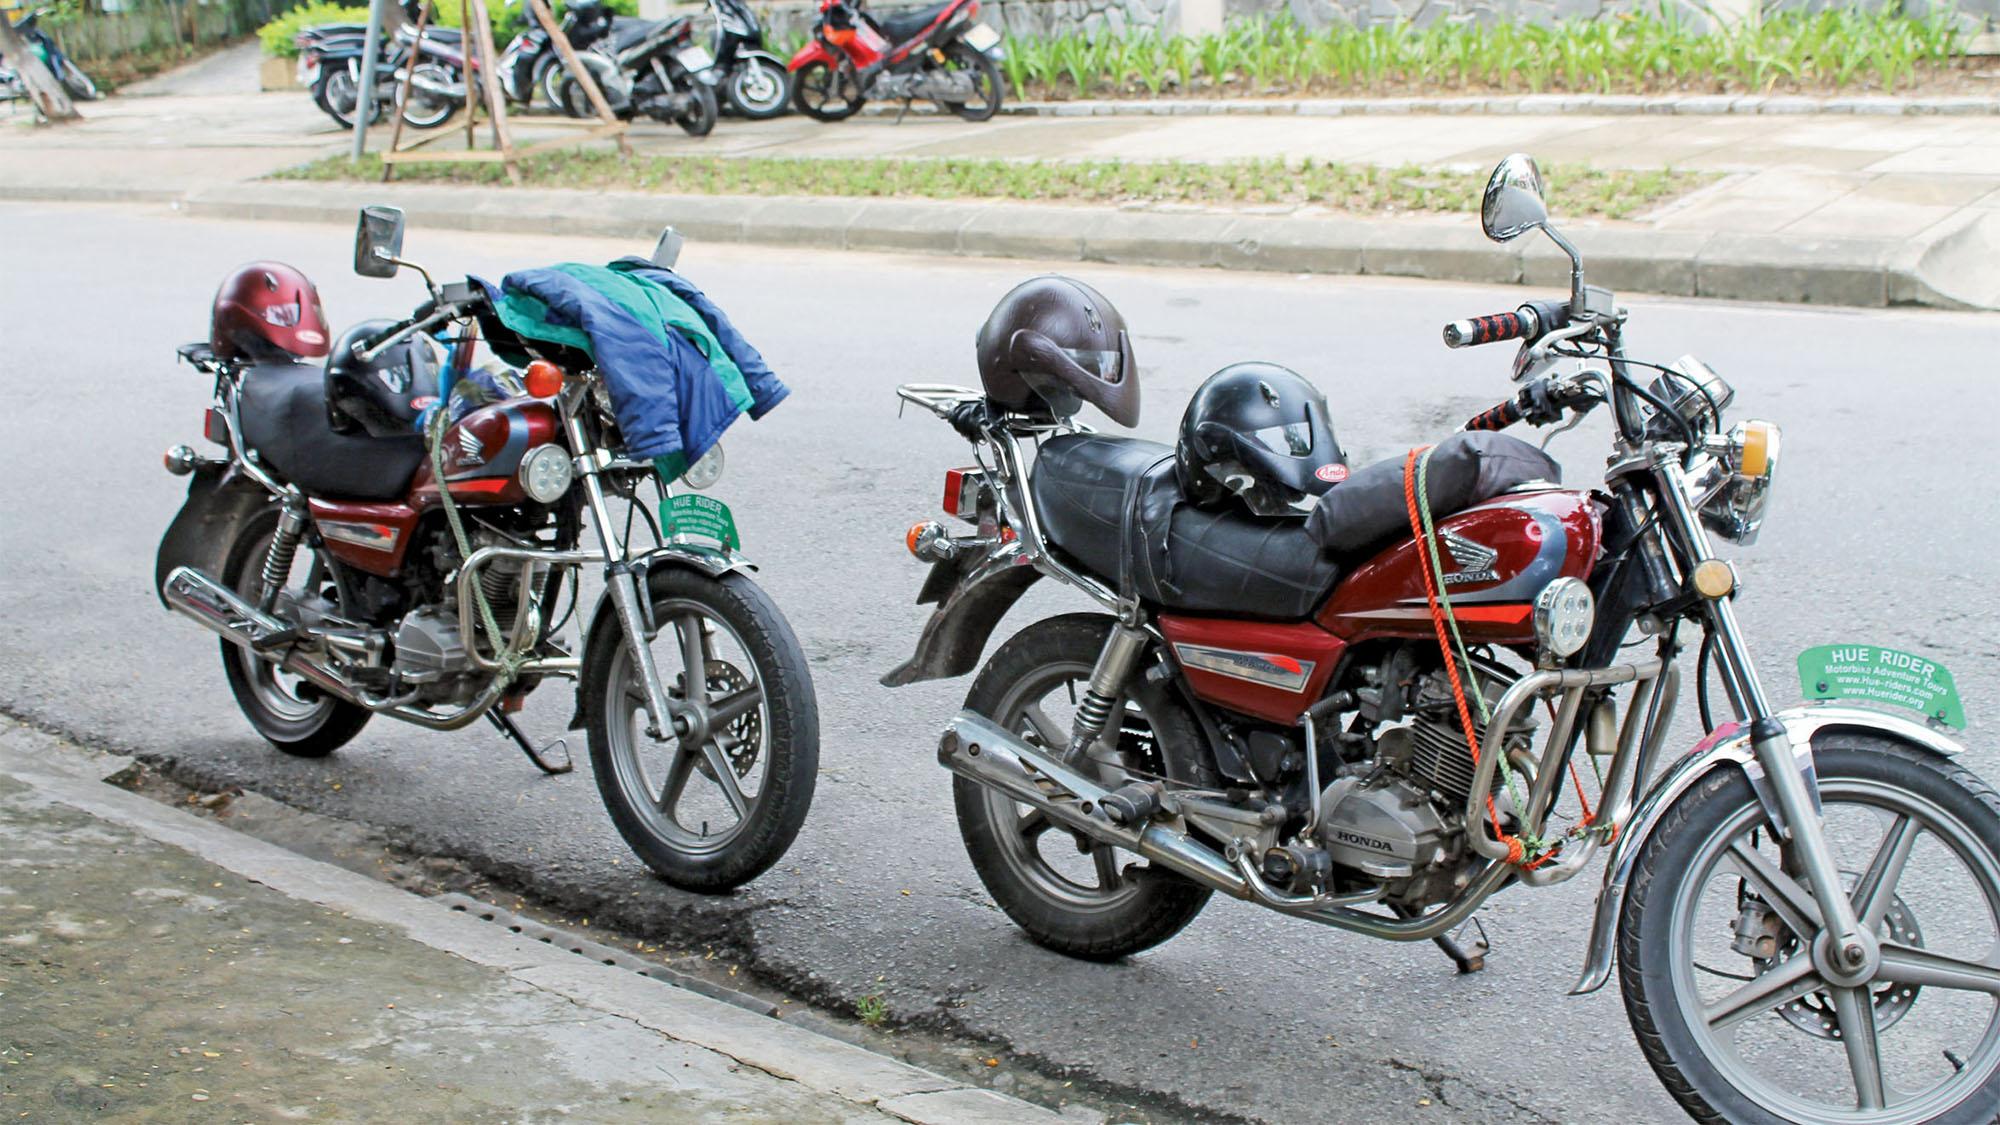 Tham quan Thừa Thiên Huế - Việt Nam bằng xe máy